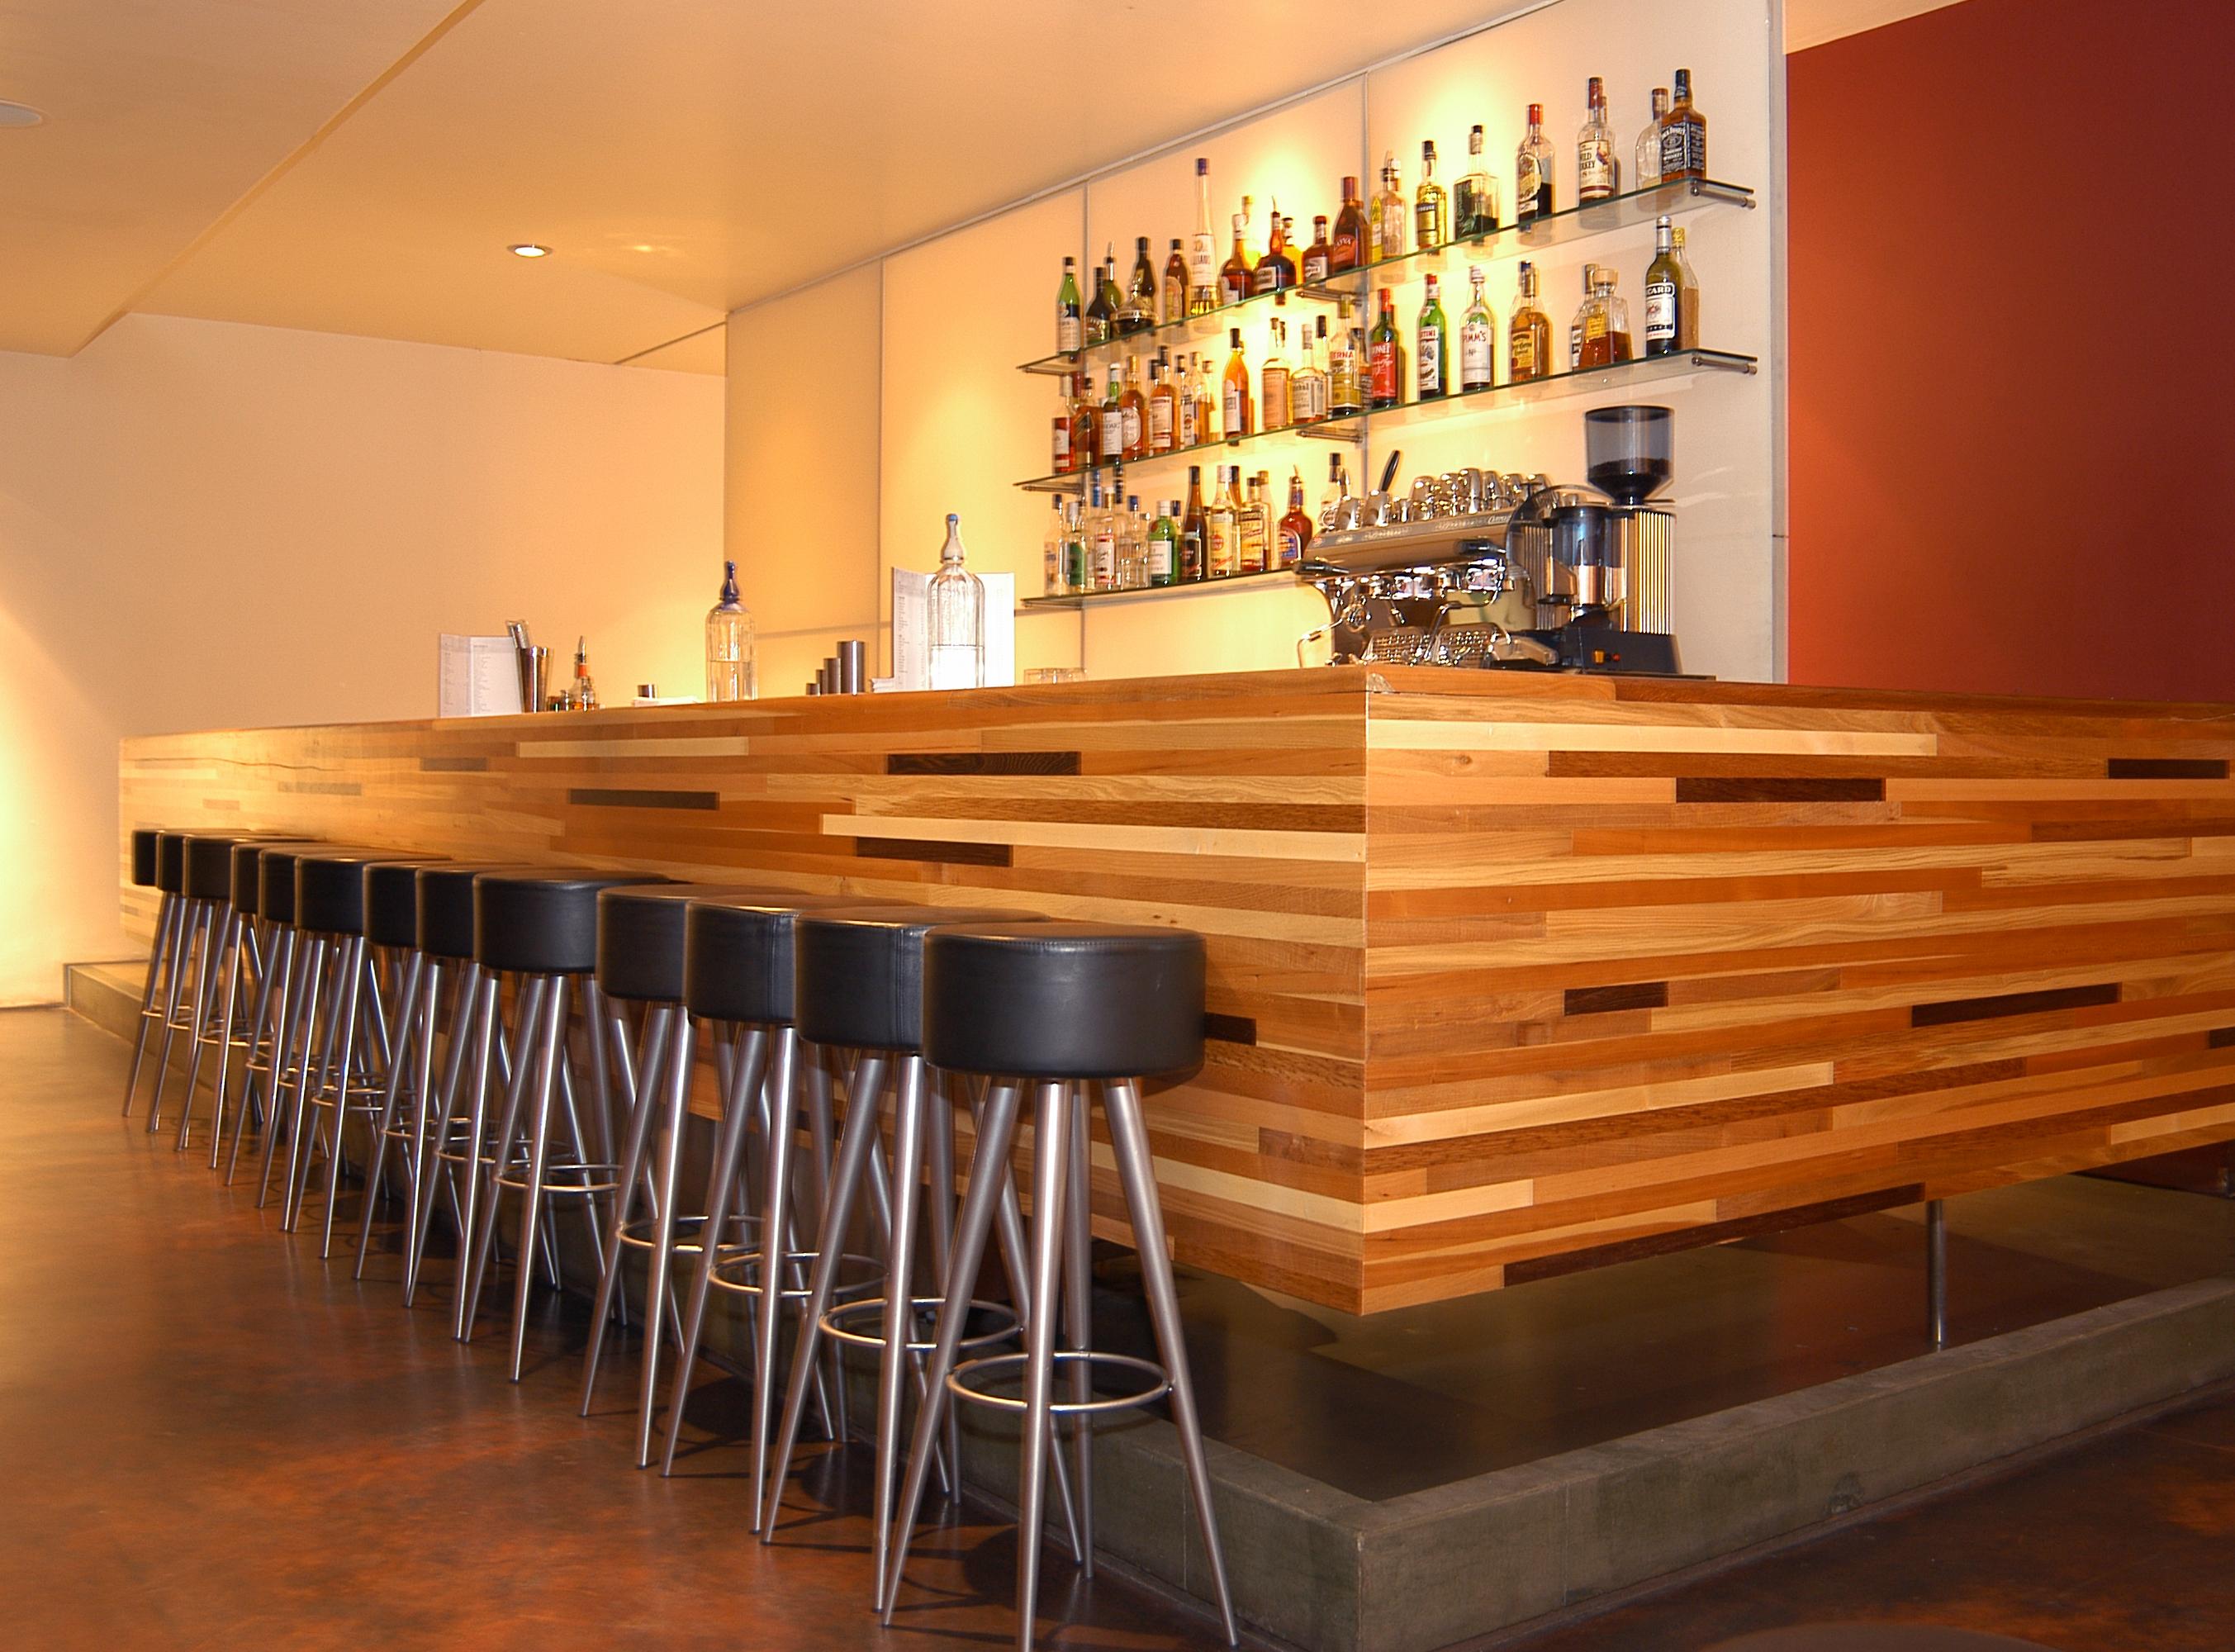 Rogue restaurant & Bar - Bar Front